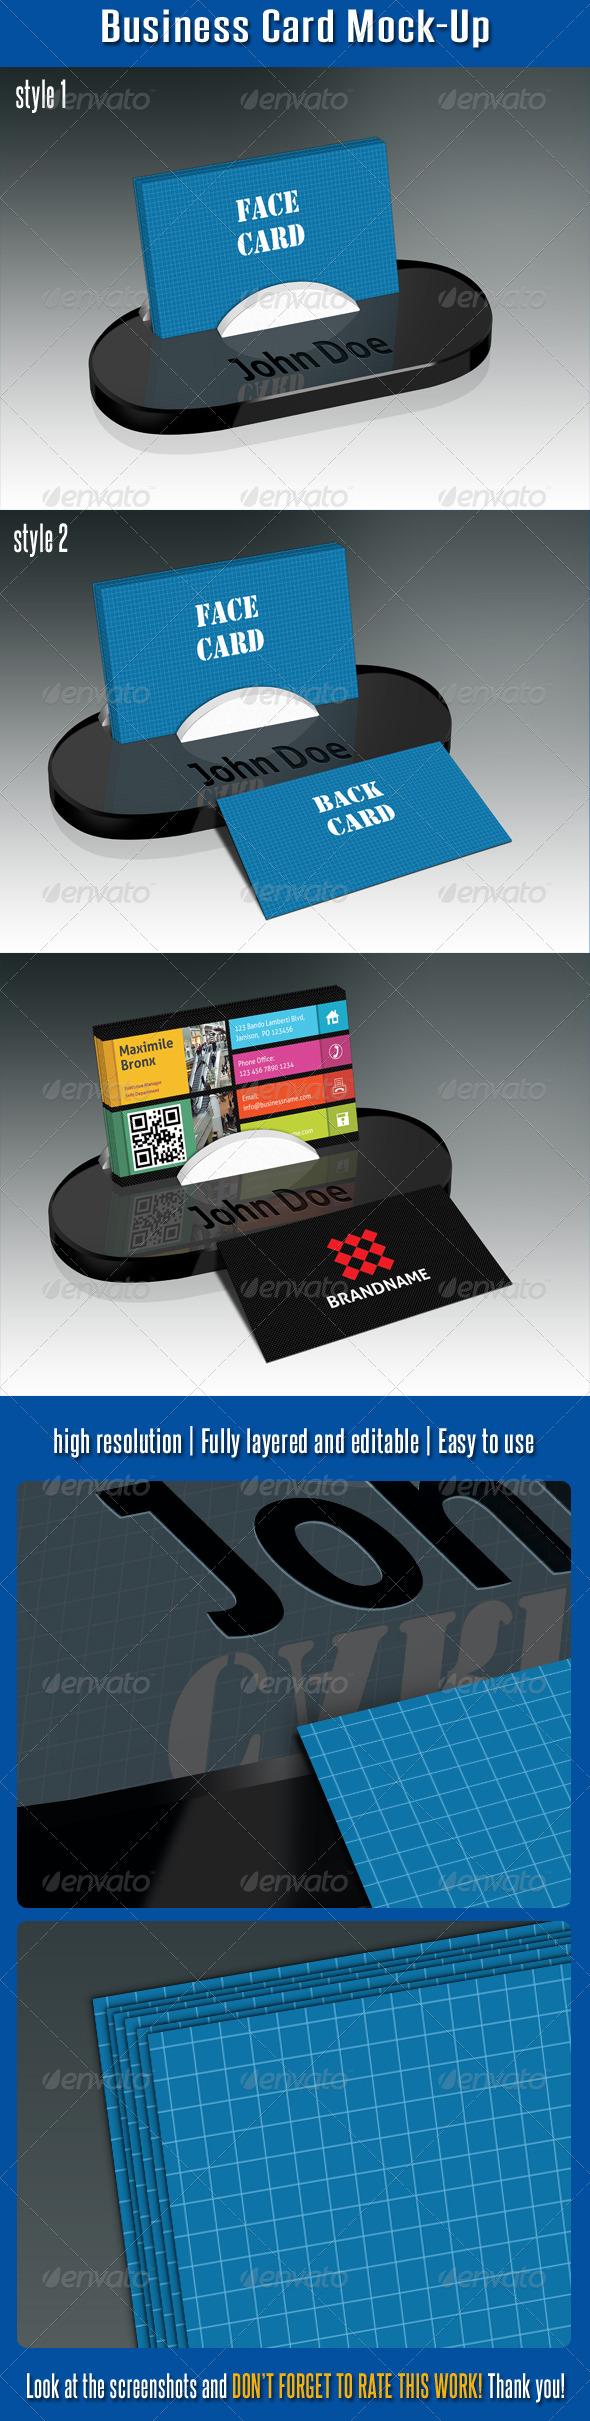 Business Card Mock-Up V02 - Business Cards Print